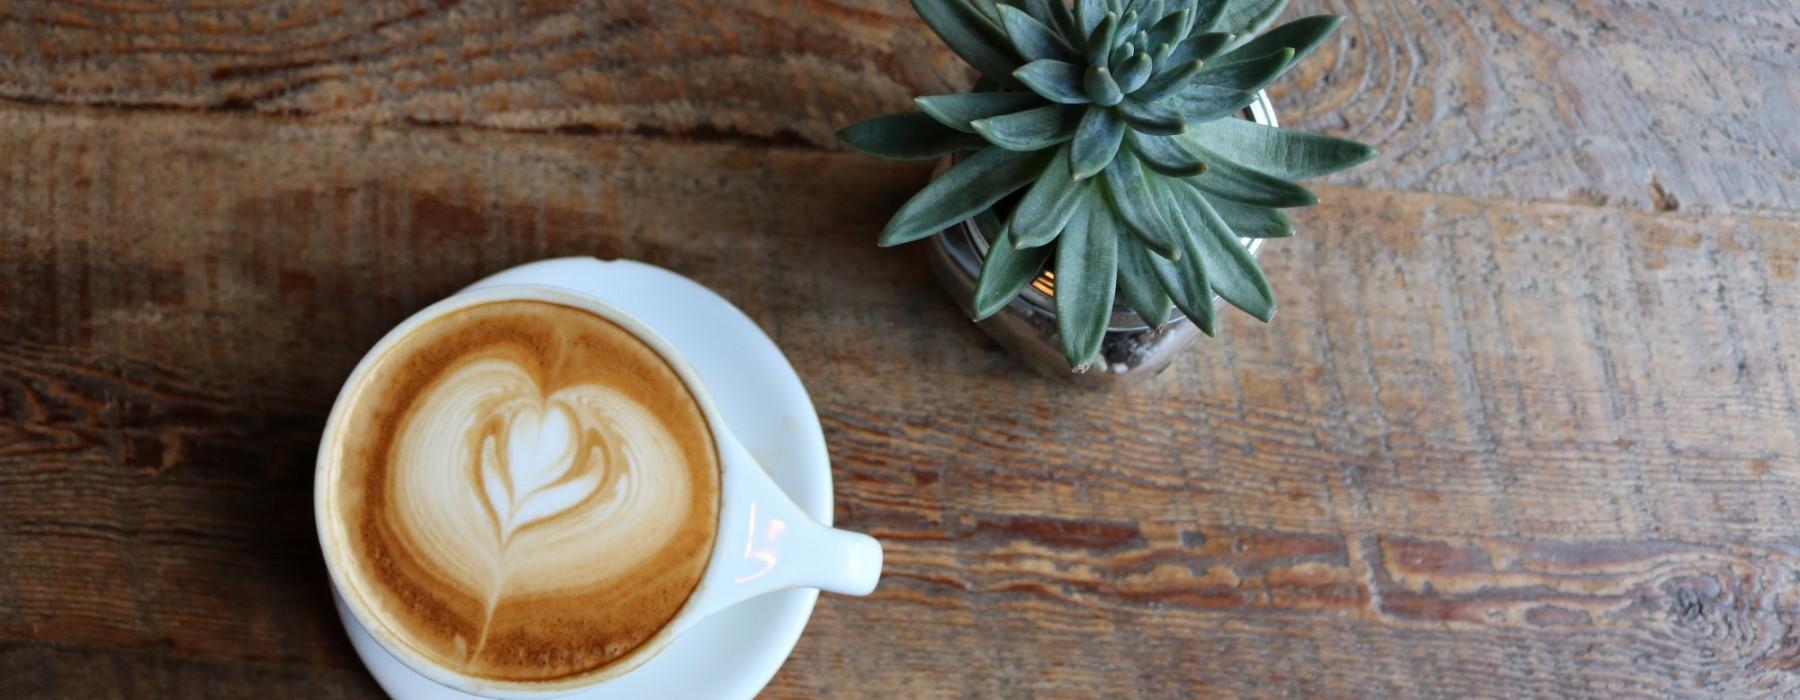 Podano do łóżka #44: Kawa, obrazy i uliczna magia